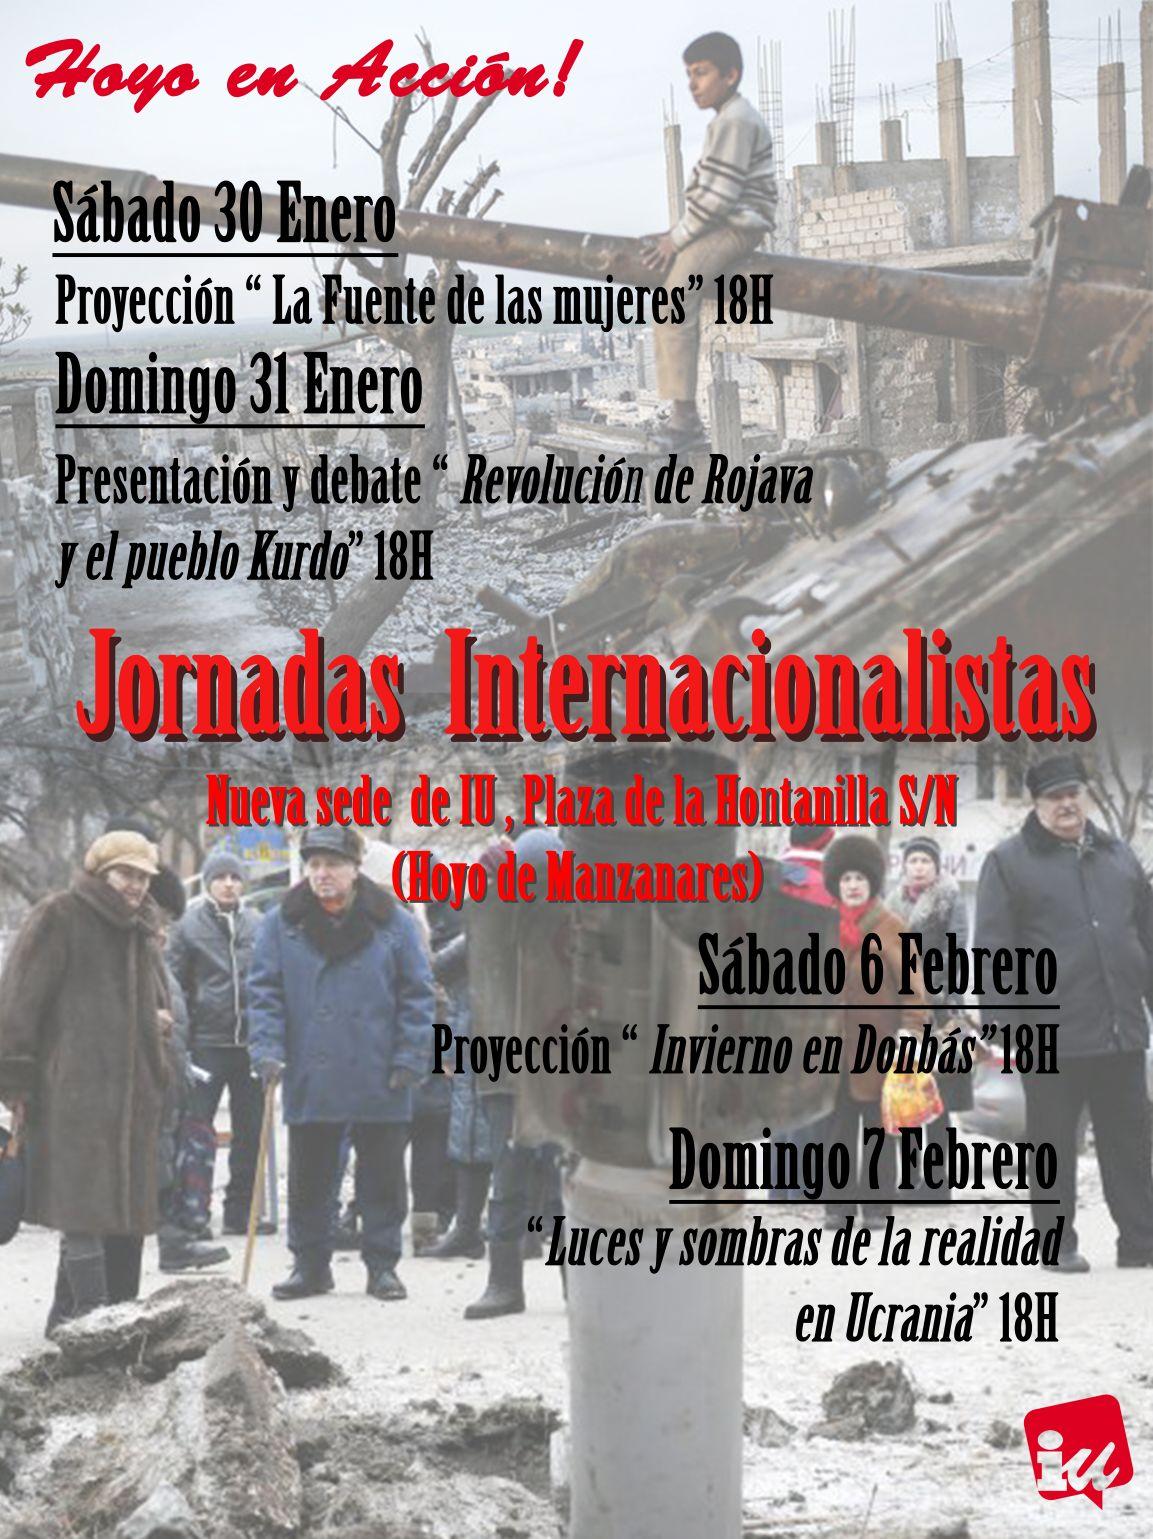 JORNADAS INTERNACIONALISTAS HOYO DE MANZANARES